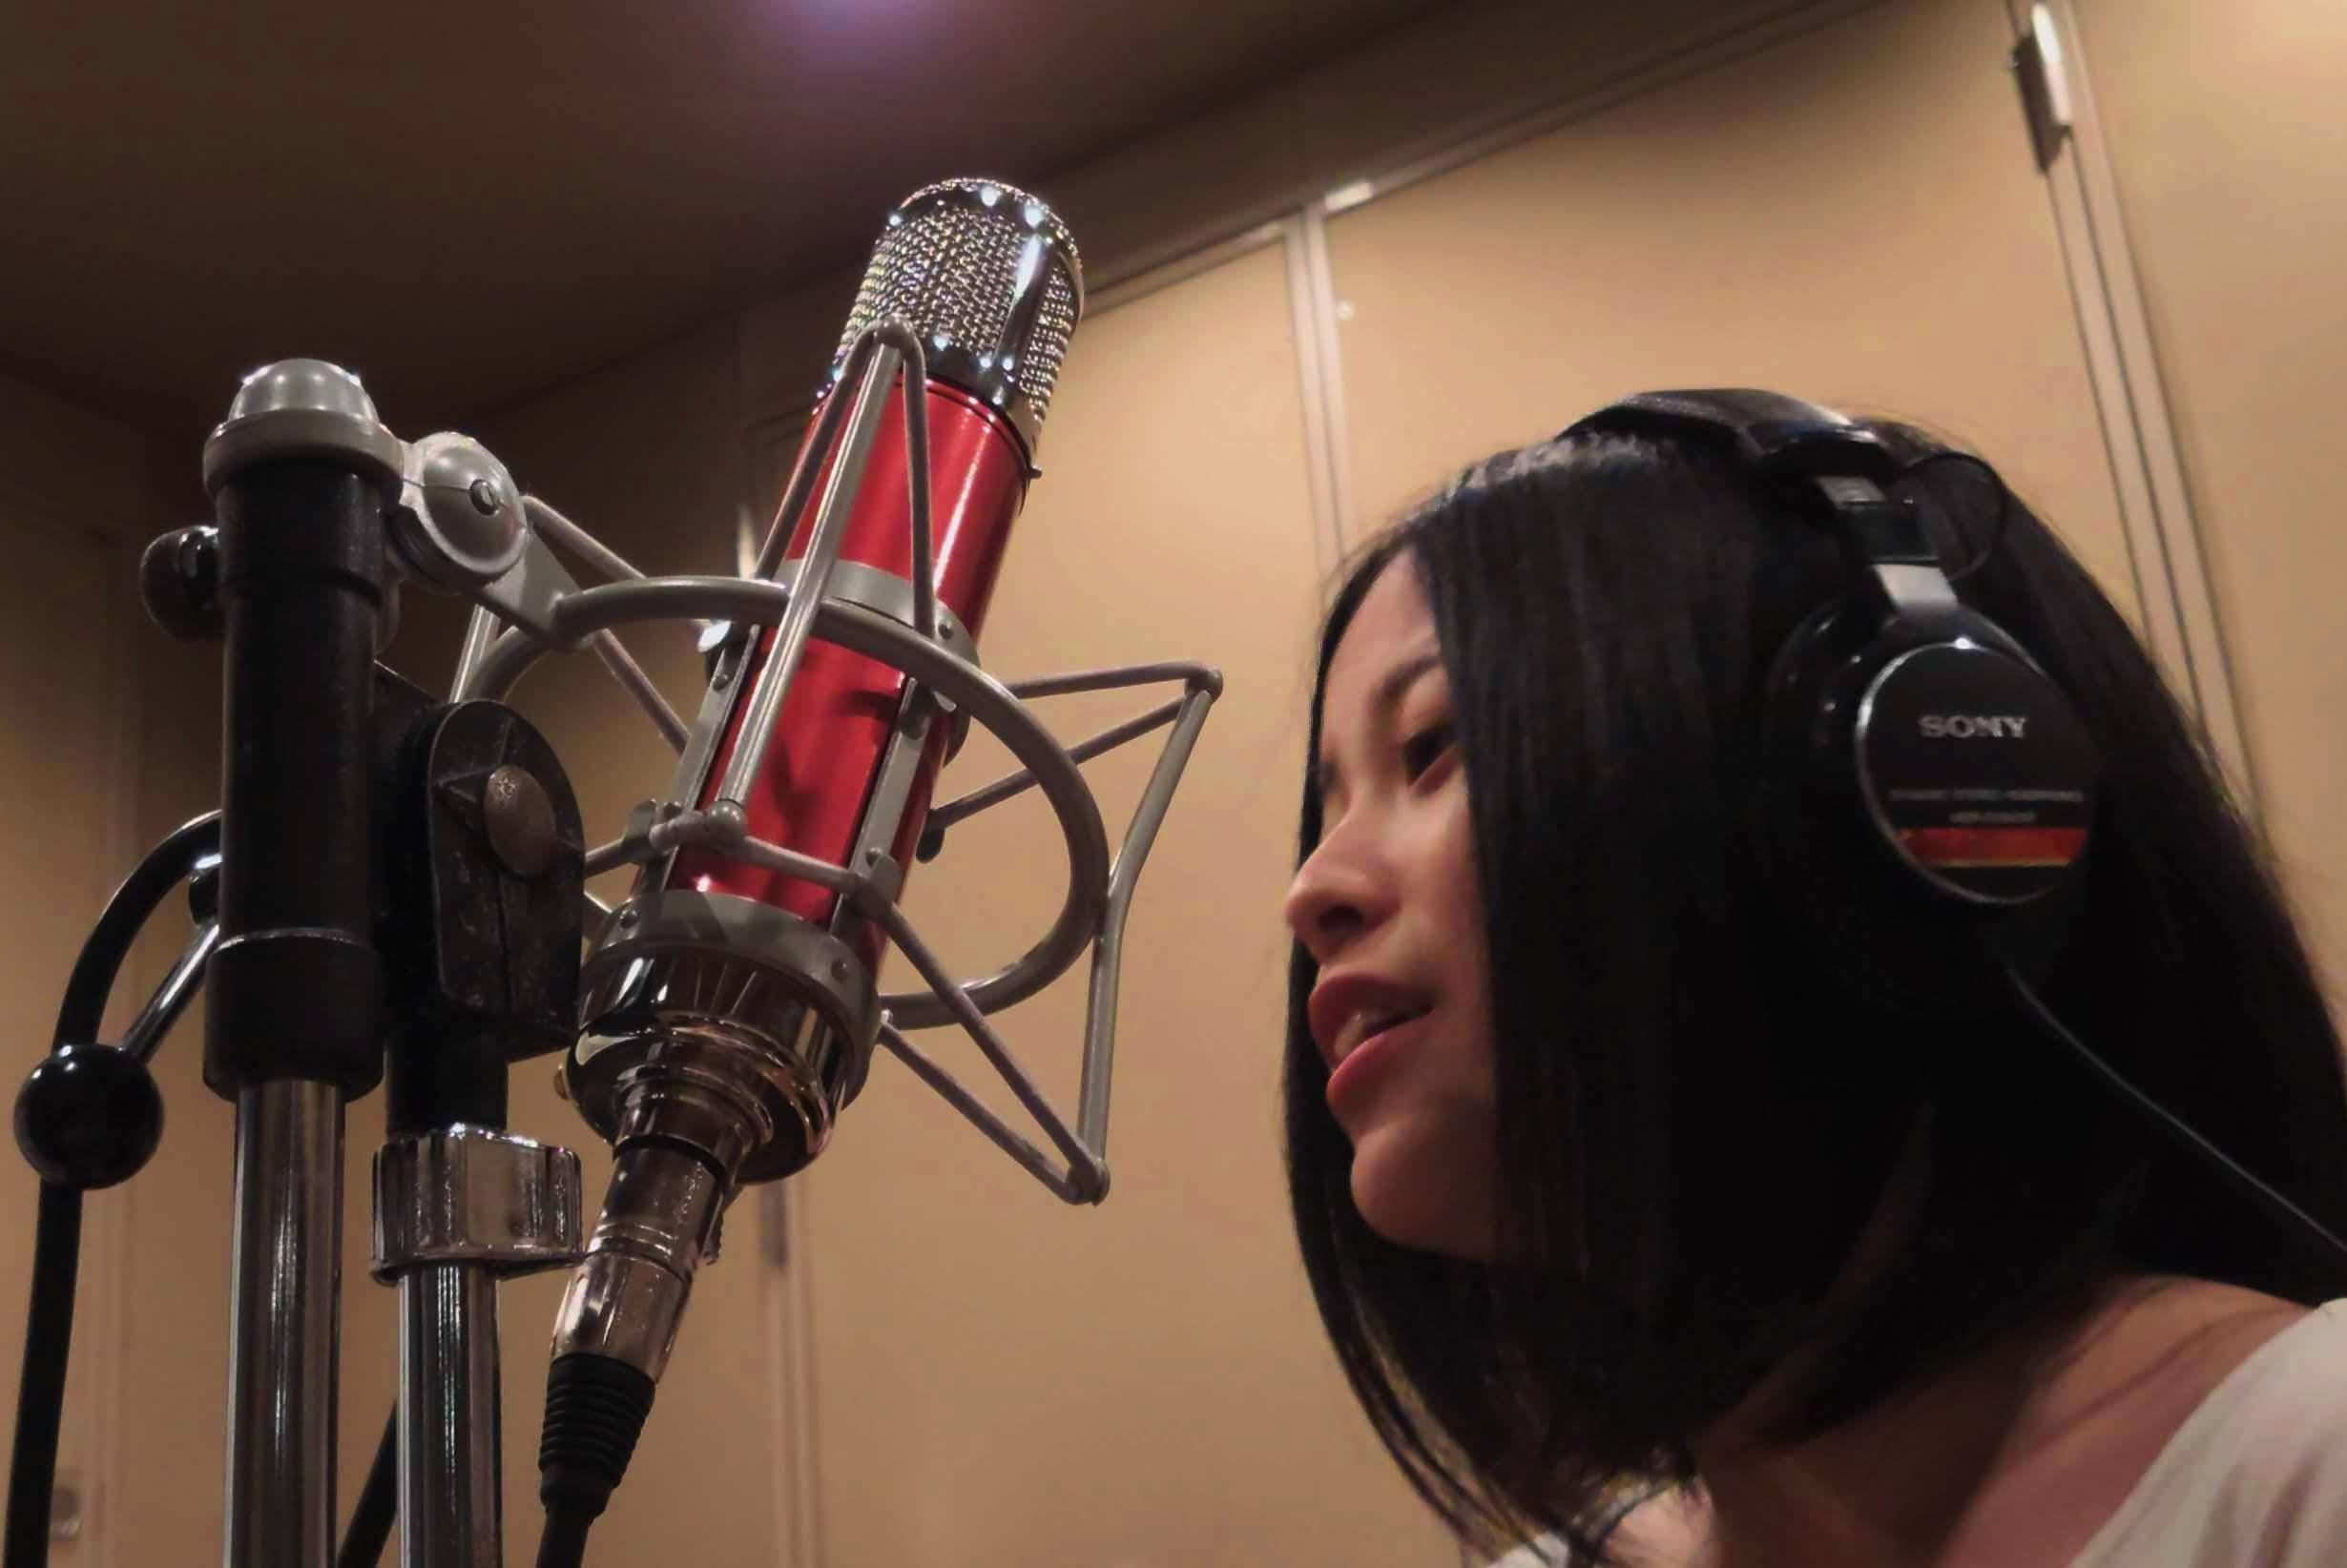 【制作事例】福井県福井市 - 響のホールにてボーカルレコーディングとMix